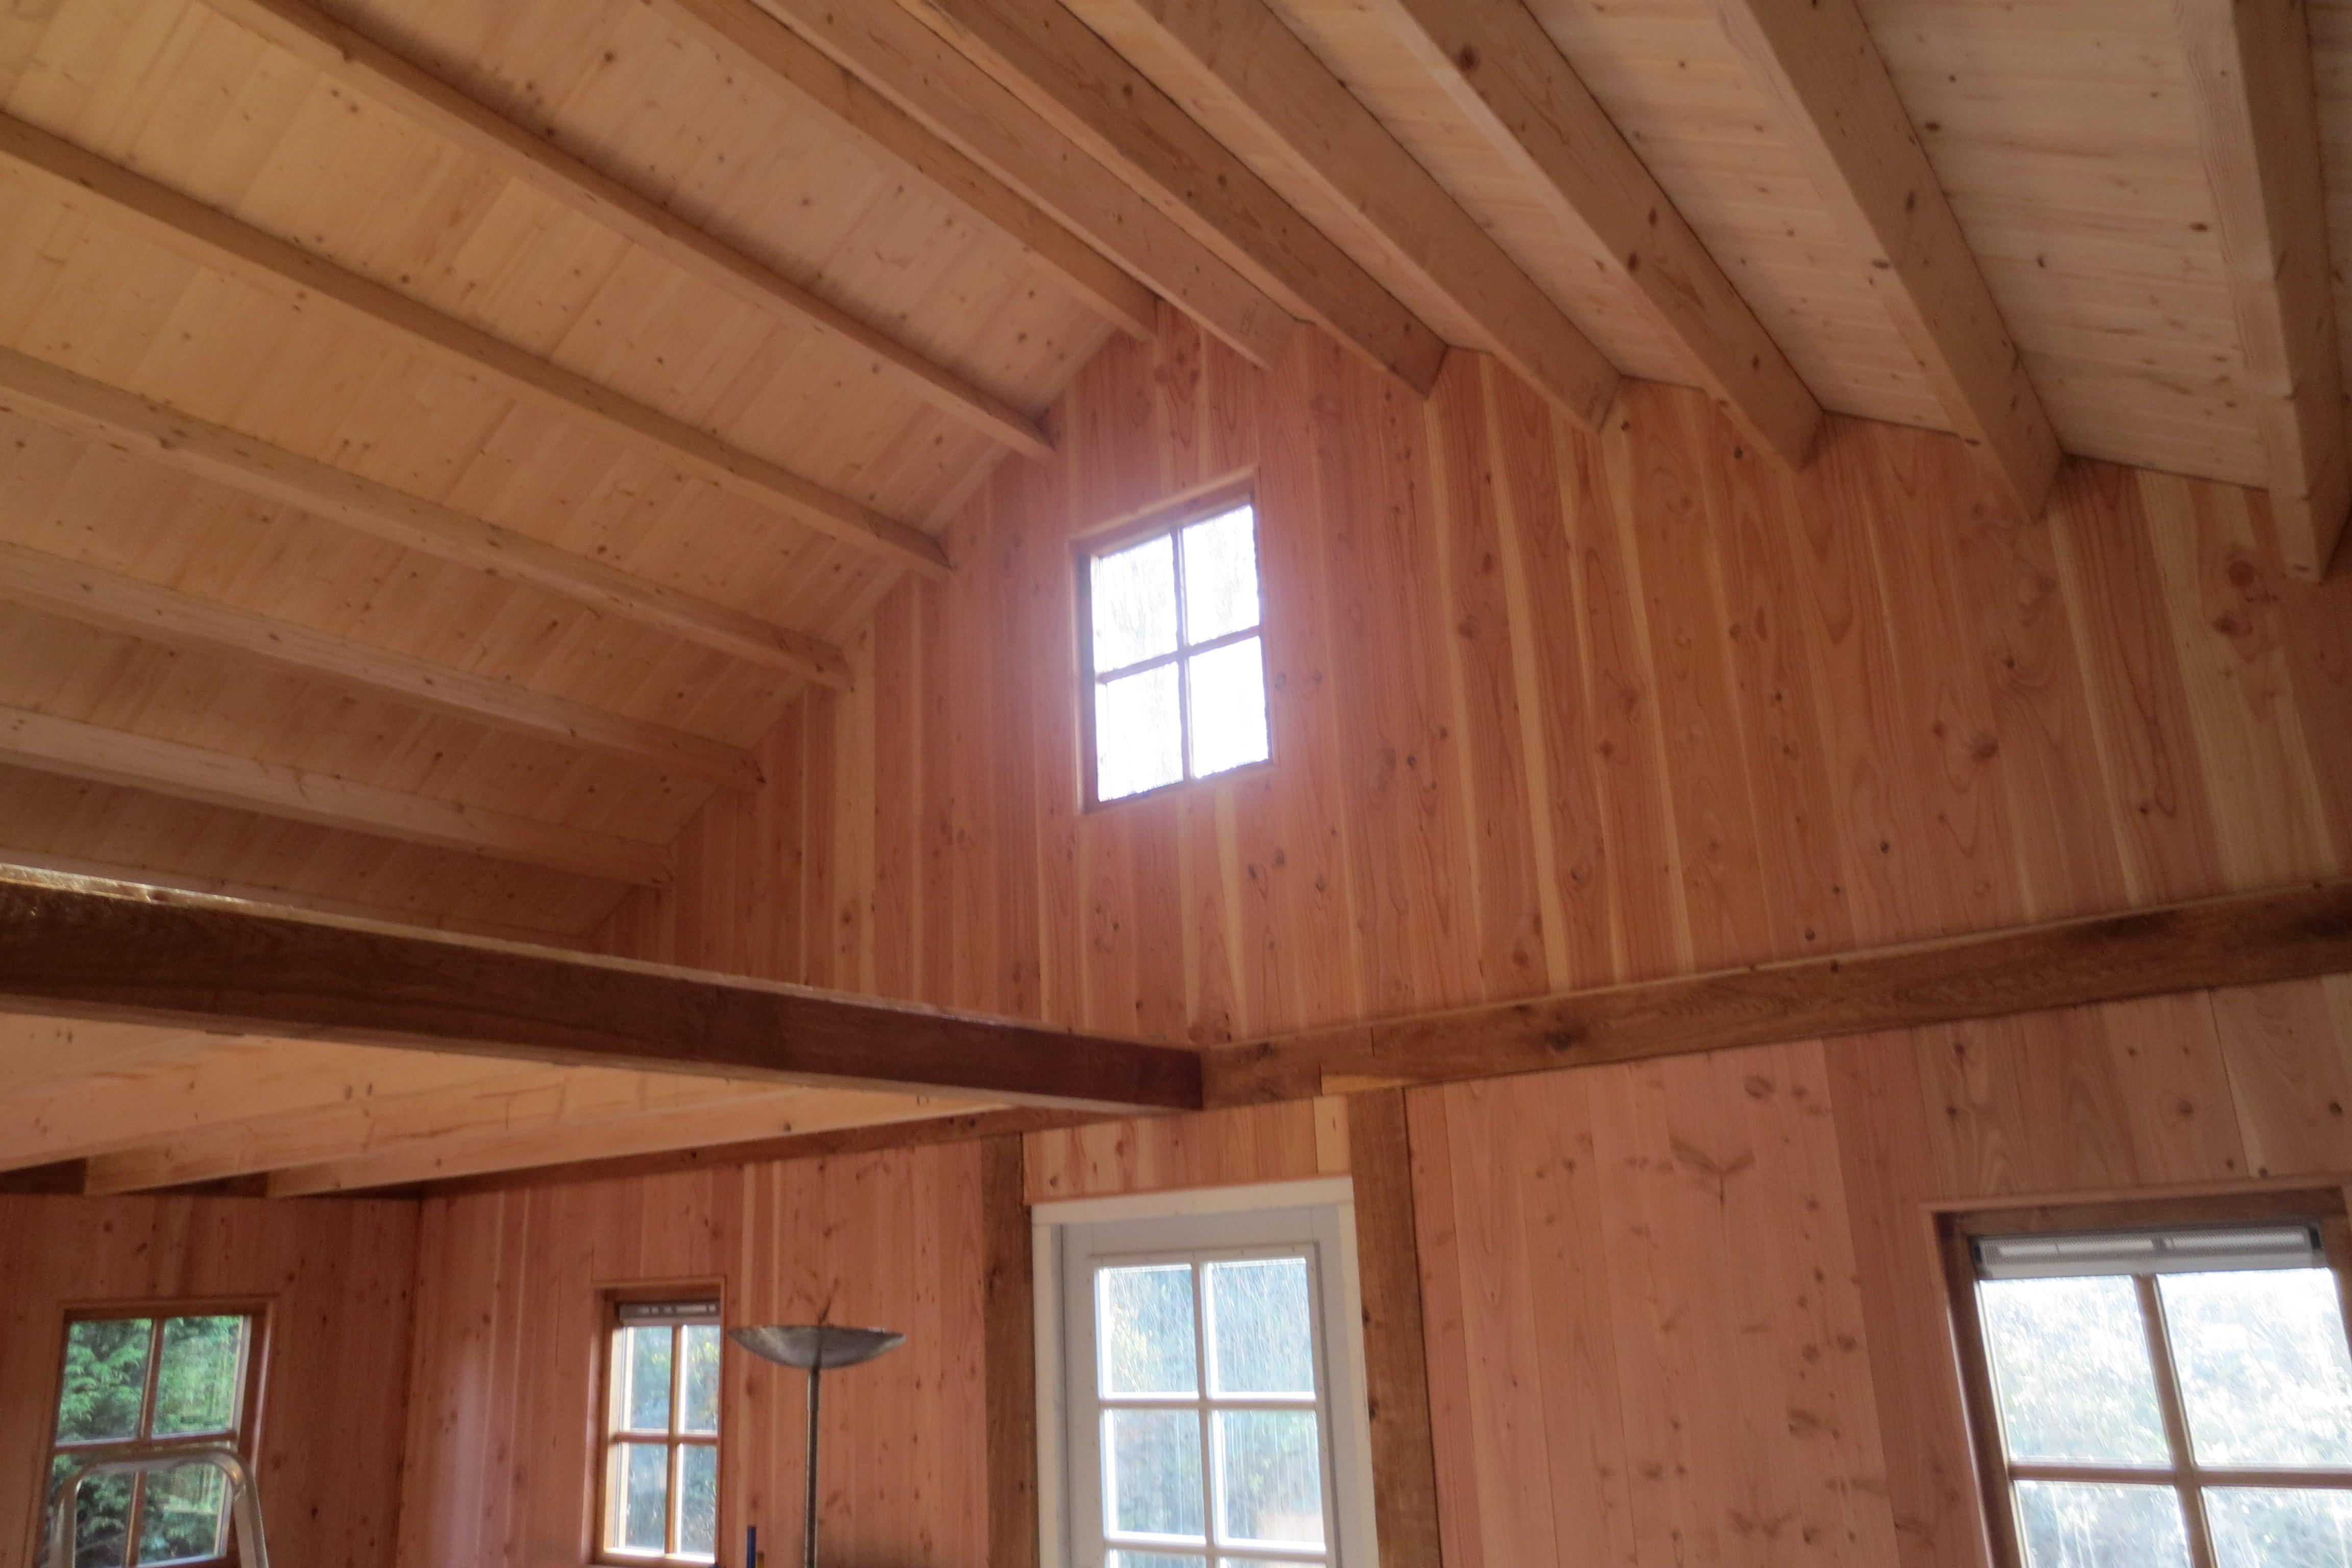 houten-garage-met-carport-10 - Project Enkhuizen: Houten garage met carport